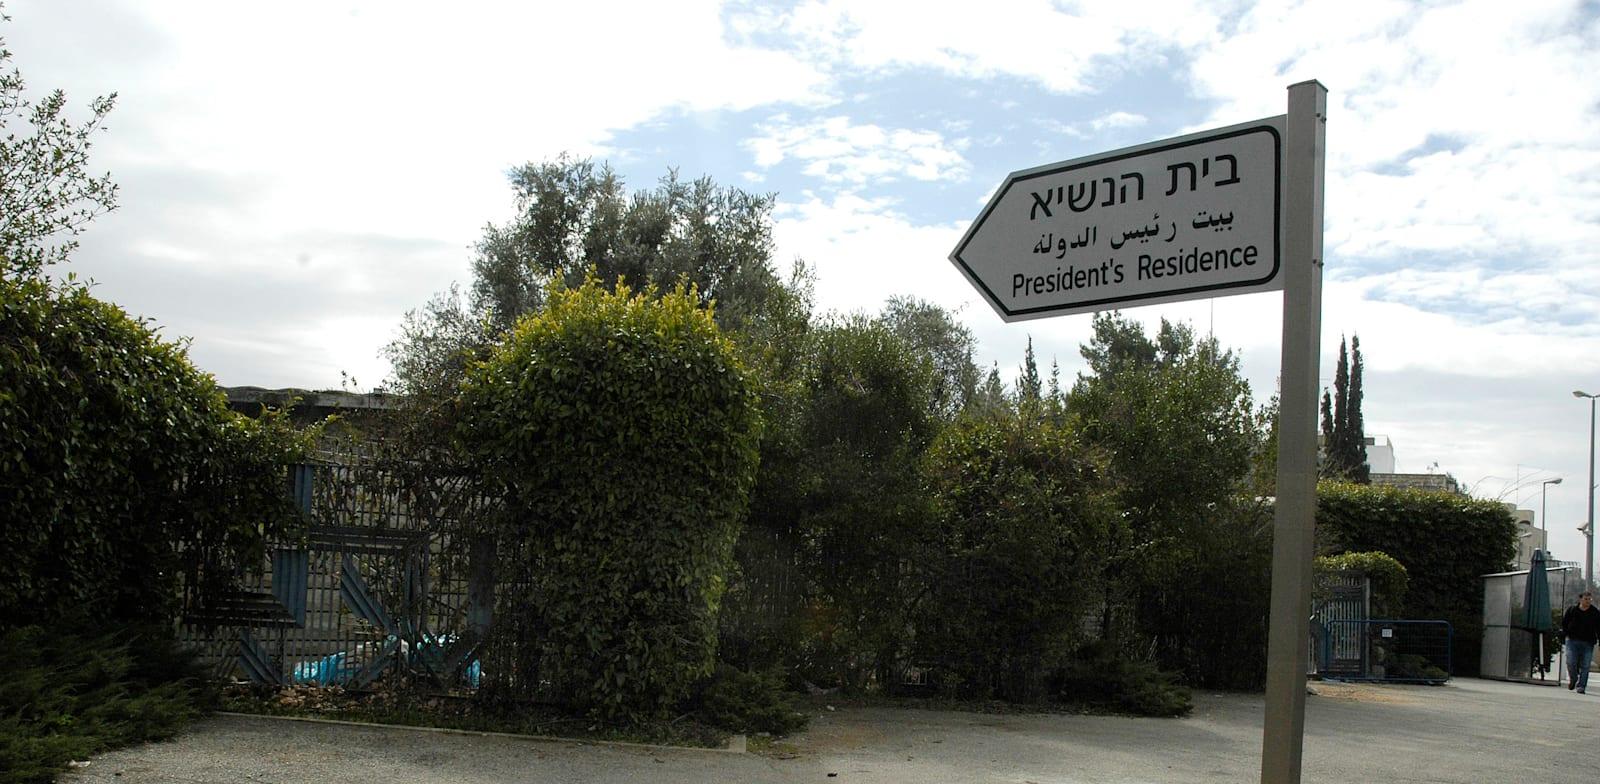 ירושלים - בית הנשיא / צילום: תמר מצפי